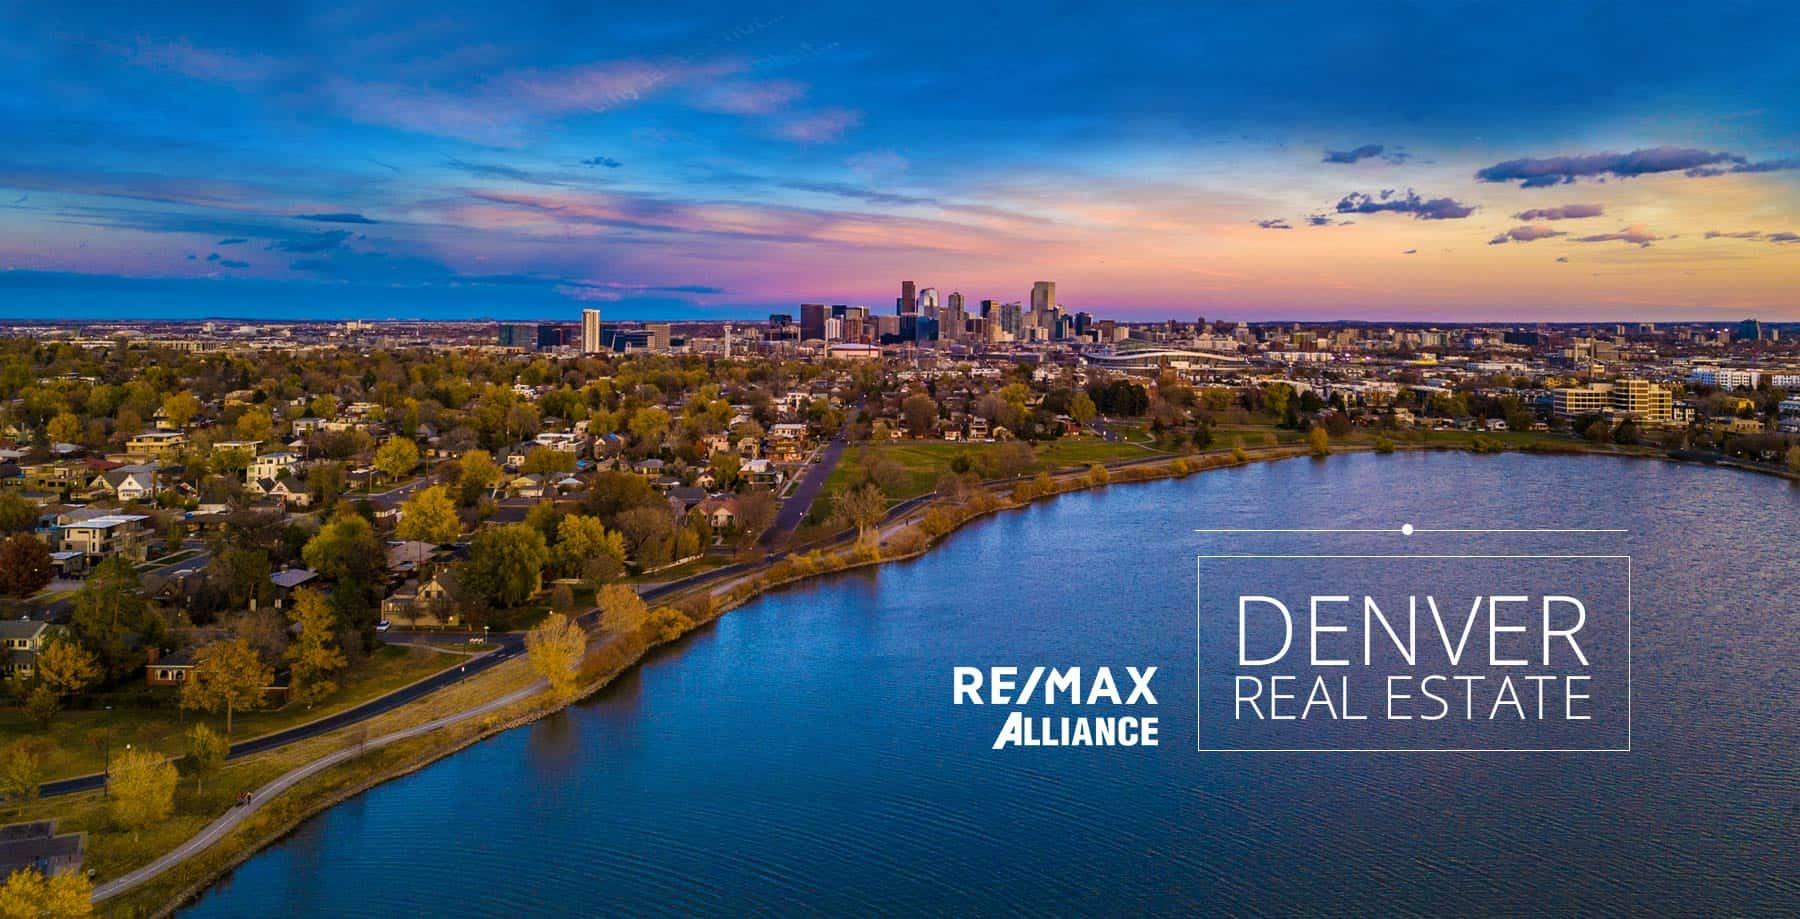 Sloans lake of Denver Real Estate